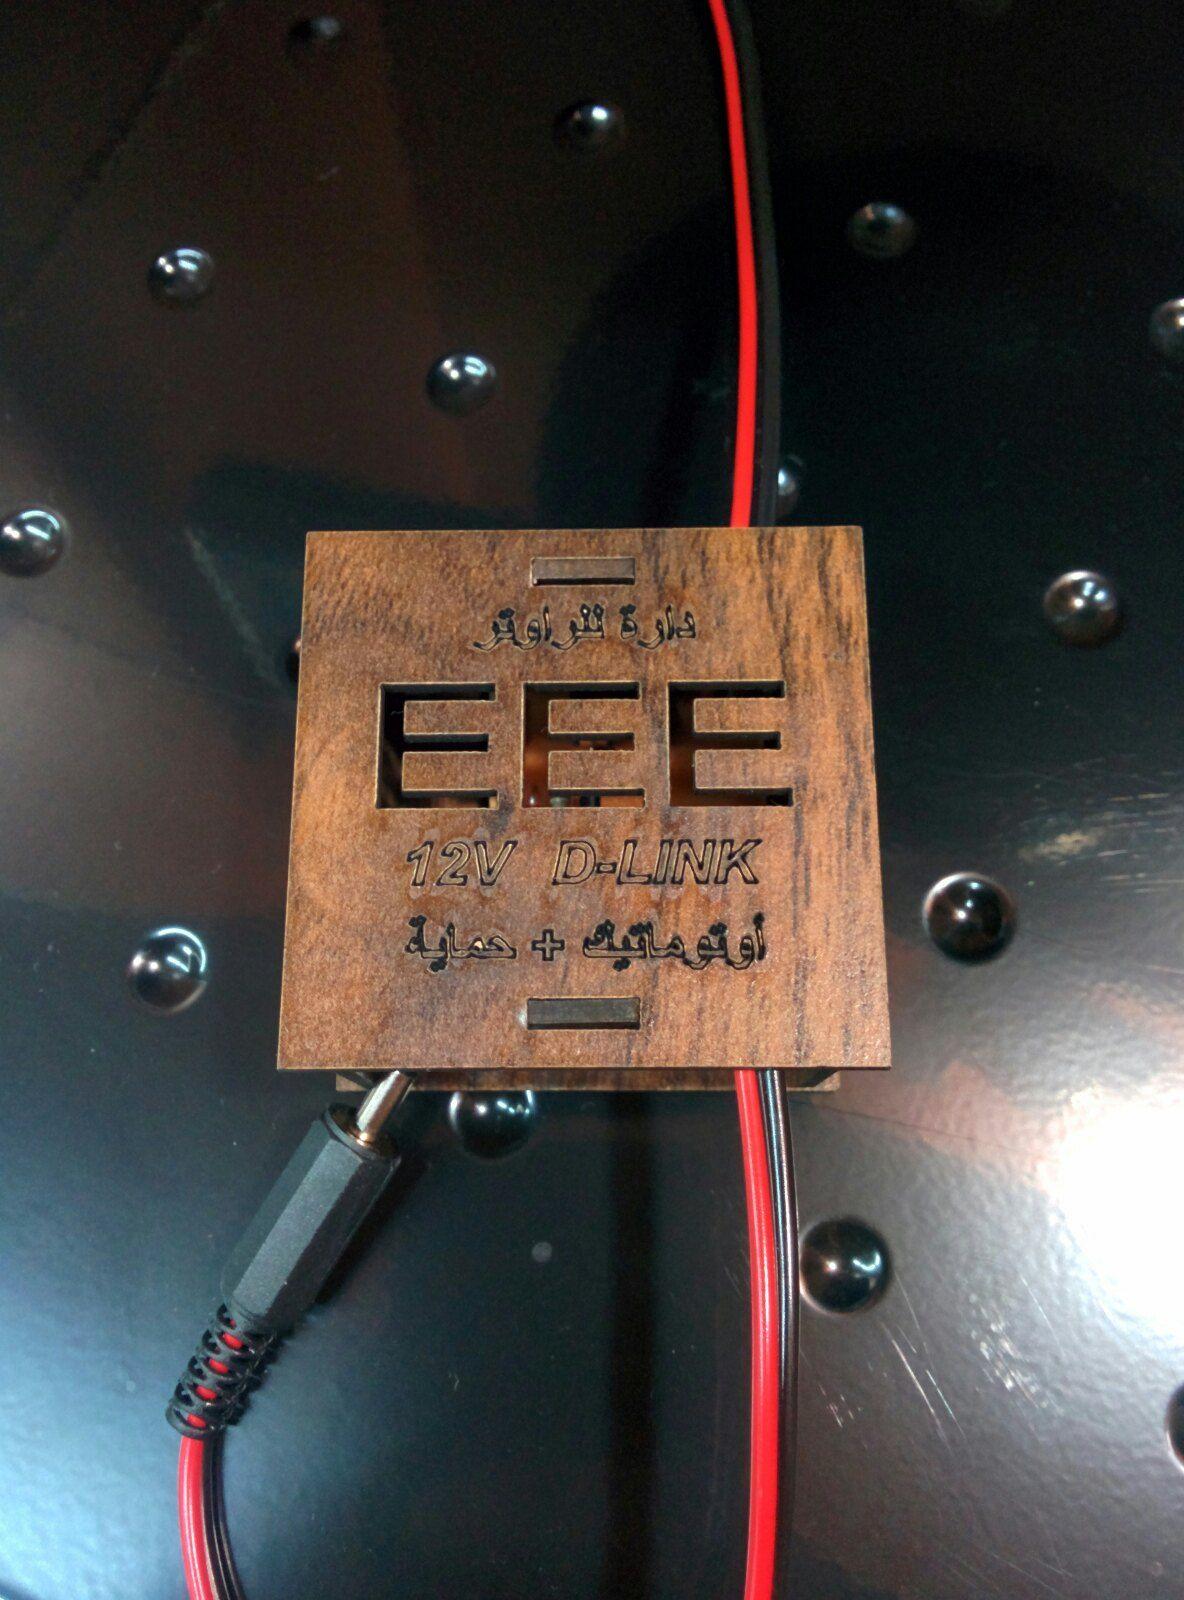 دارة لتشغيل راوتر D-LINK 12V فولت على البطارية مع حماية للراوتر ,Other Acc